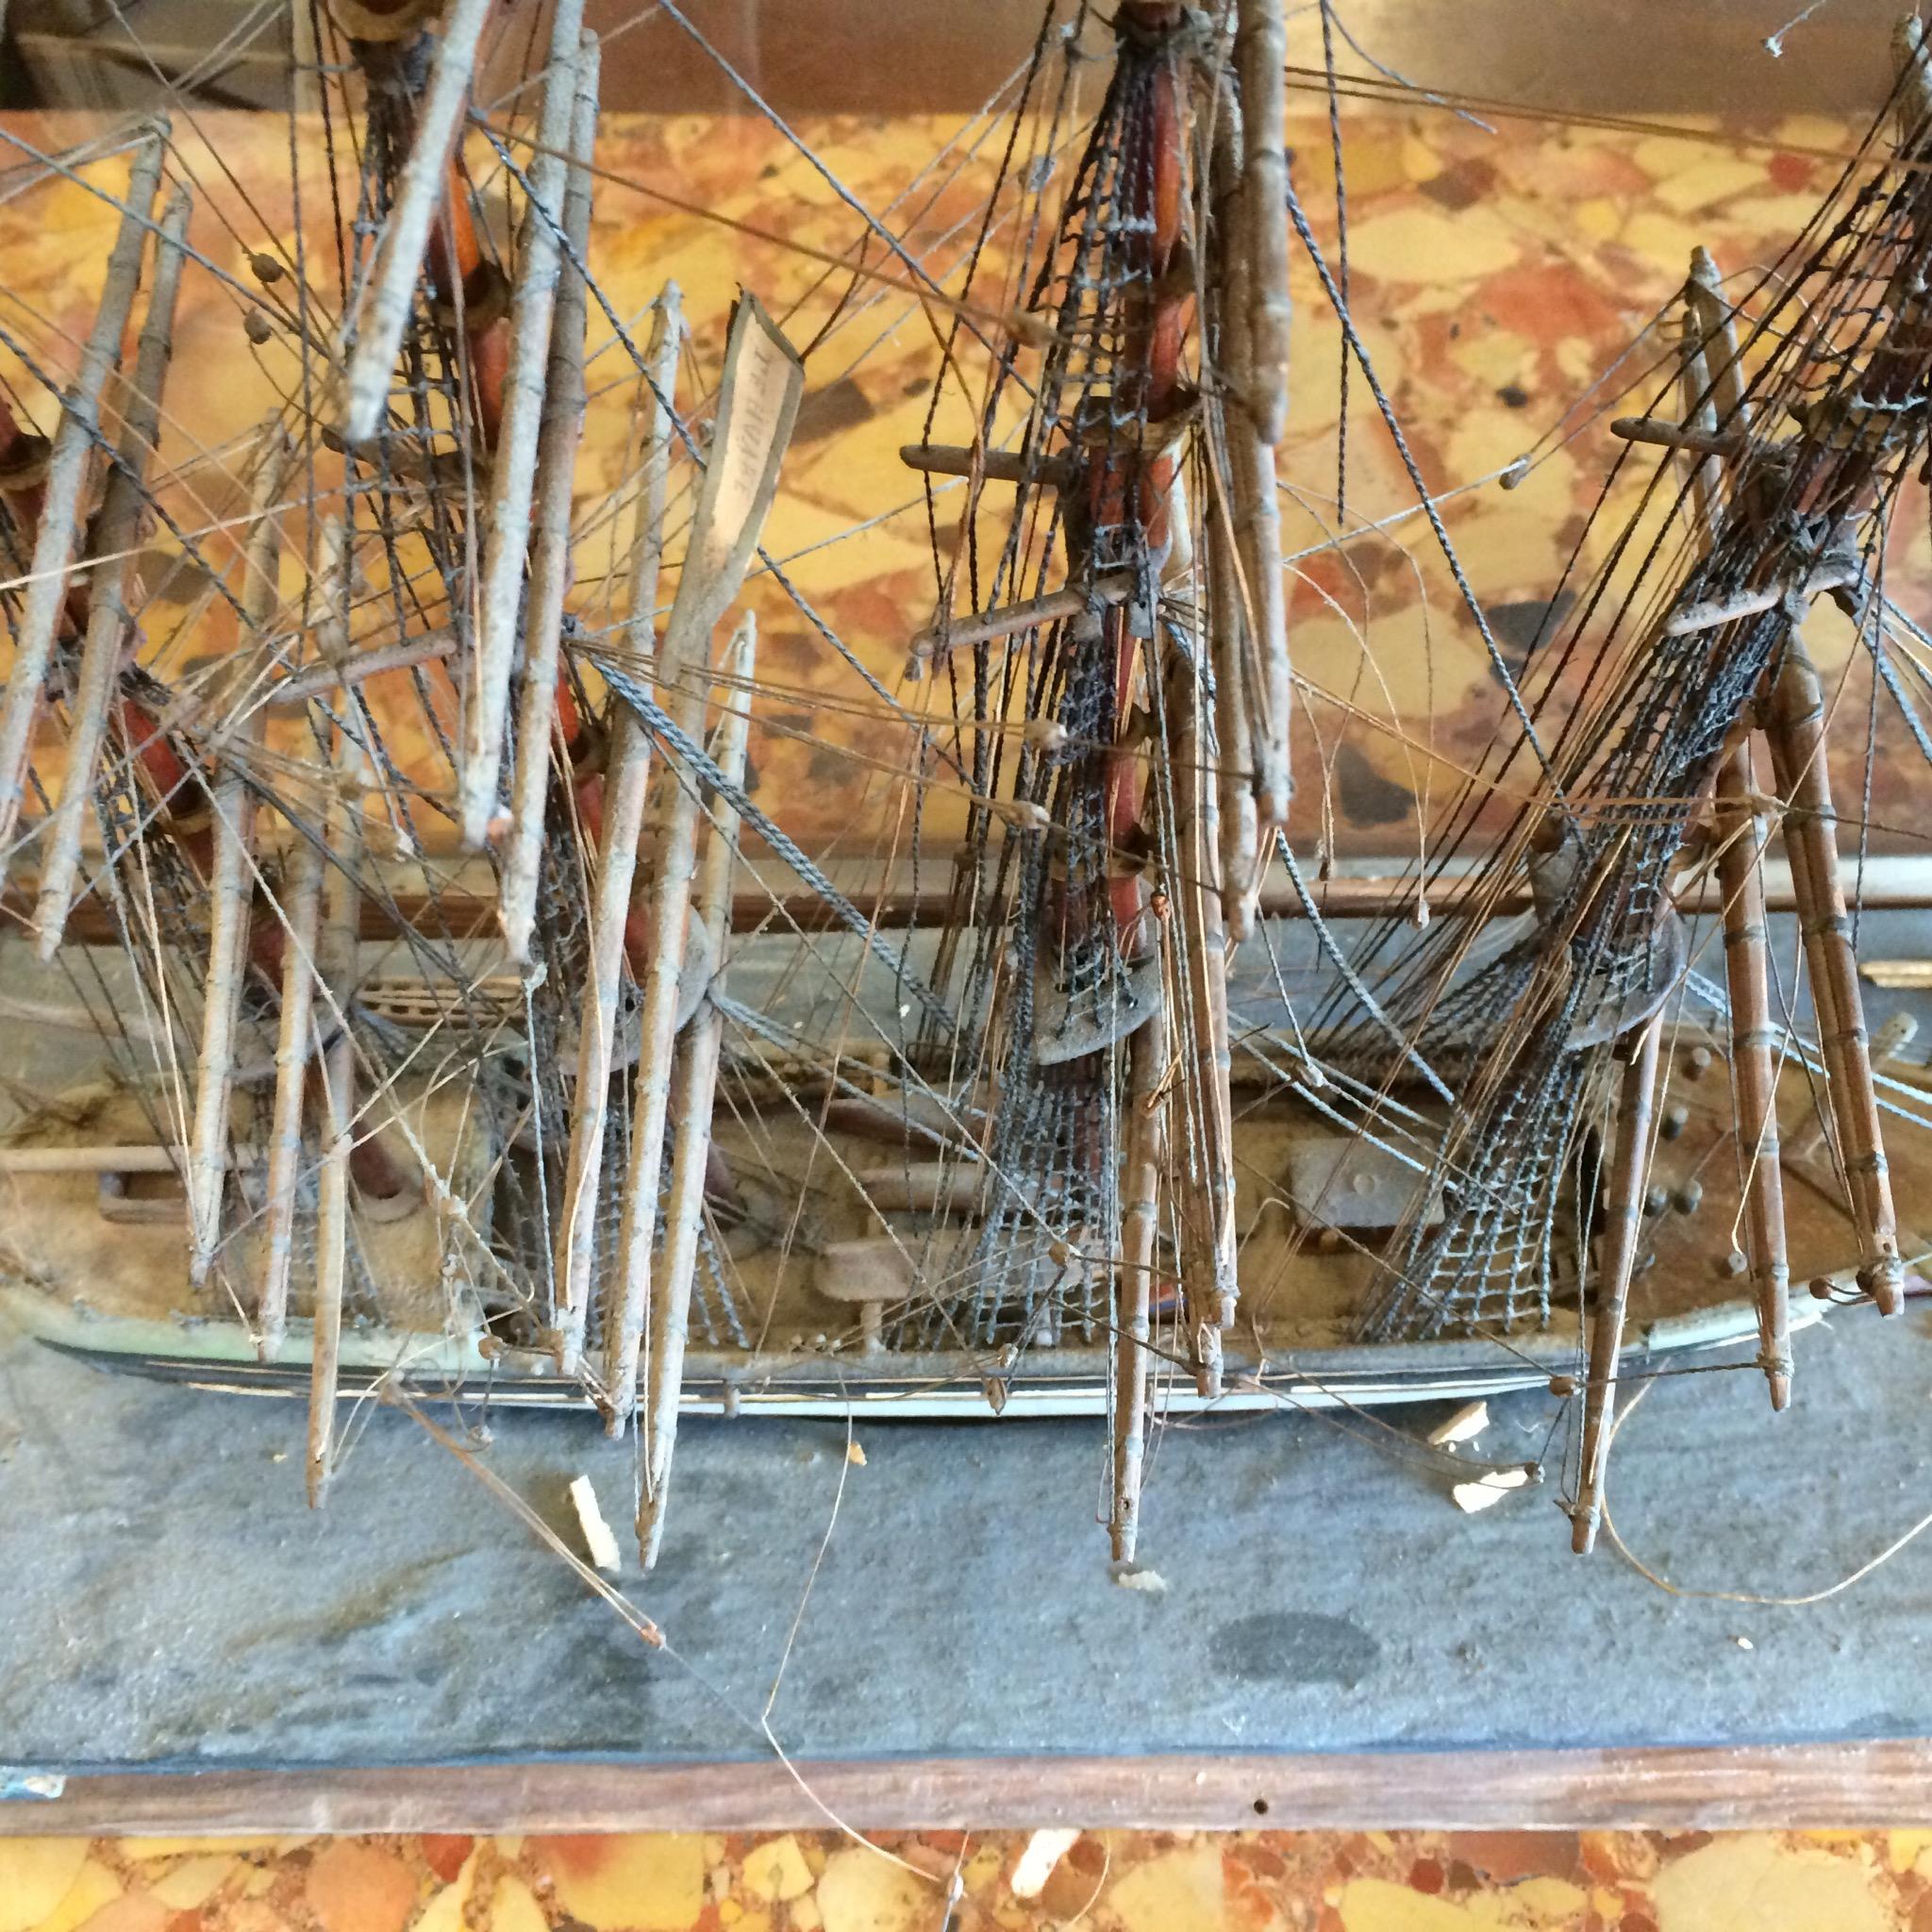 Maquette d'un 4 mâts, banque du Havre 19ème siècle restauration Atelier Patrice Bricout Label EPV 1.jpg